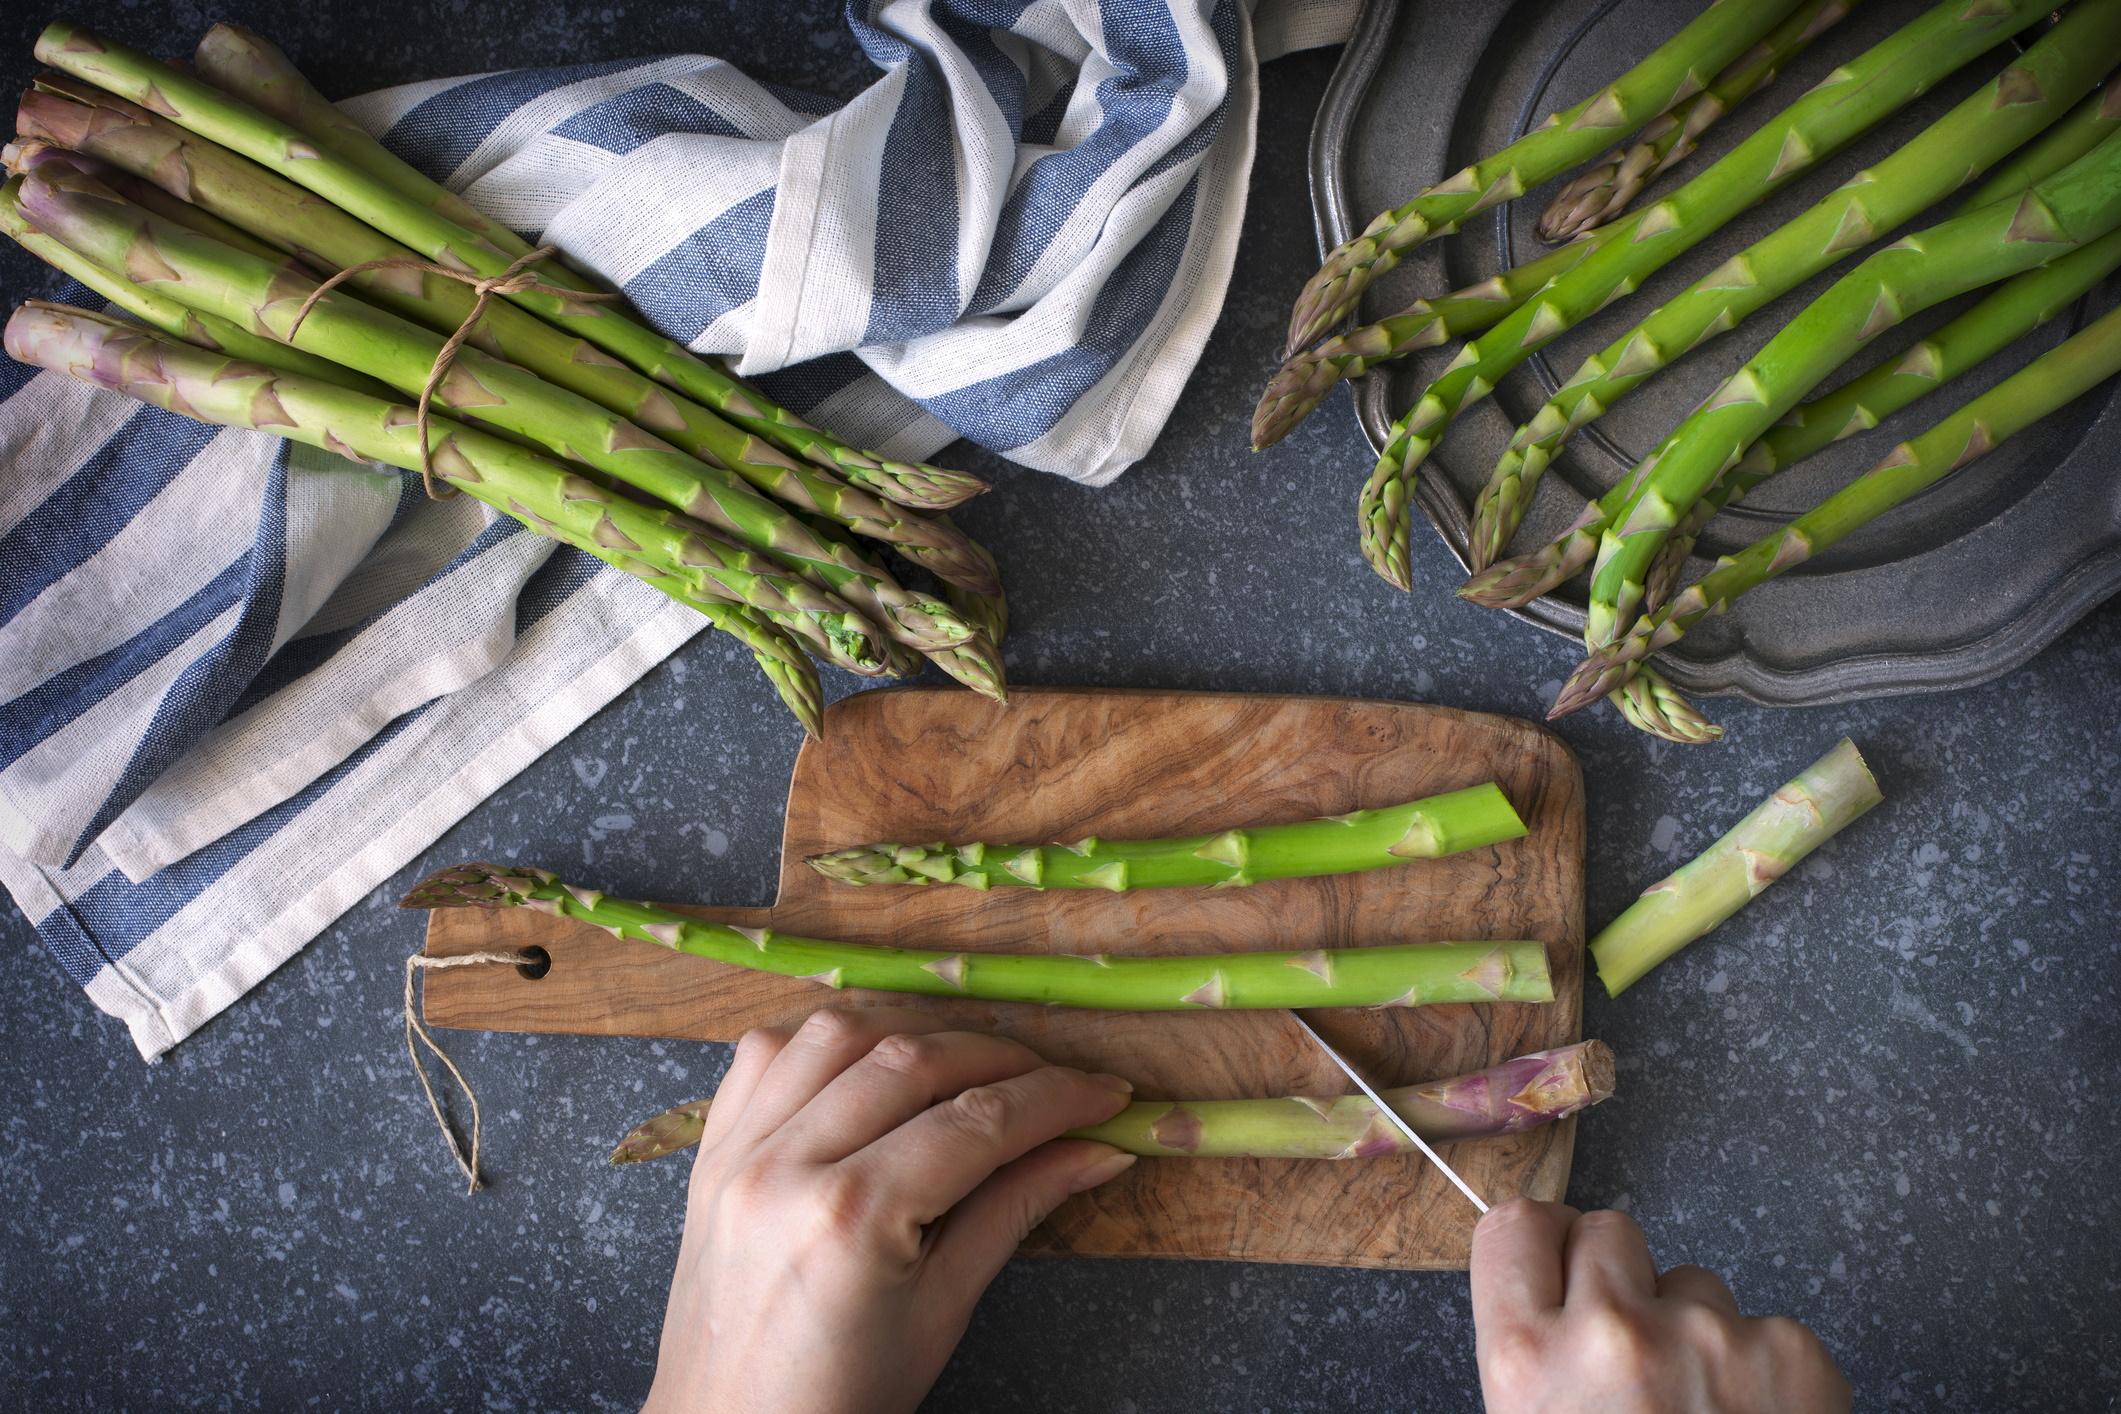 <p><strong>Аспержи</strong></p>  <p>Този пролетен зеленчук е пълен с борещи се с рак витамини A, C и E, а готвенето му повишава антиоксидантната му активност с 16 до 25%. Освен това при готвенето им се повишават нивата на фенолна киселина, което е свързано с намален риск от рак.</p>